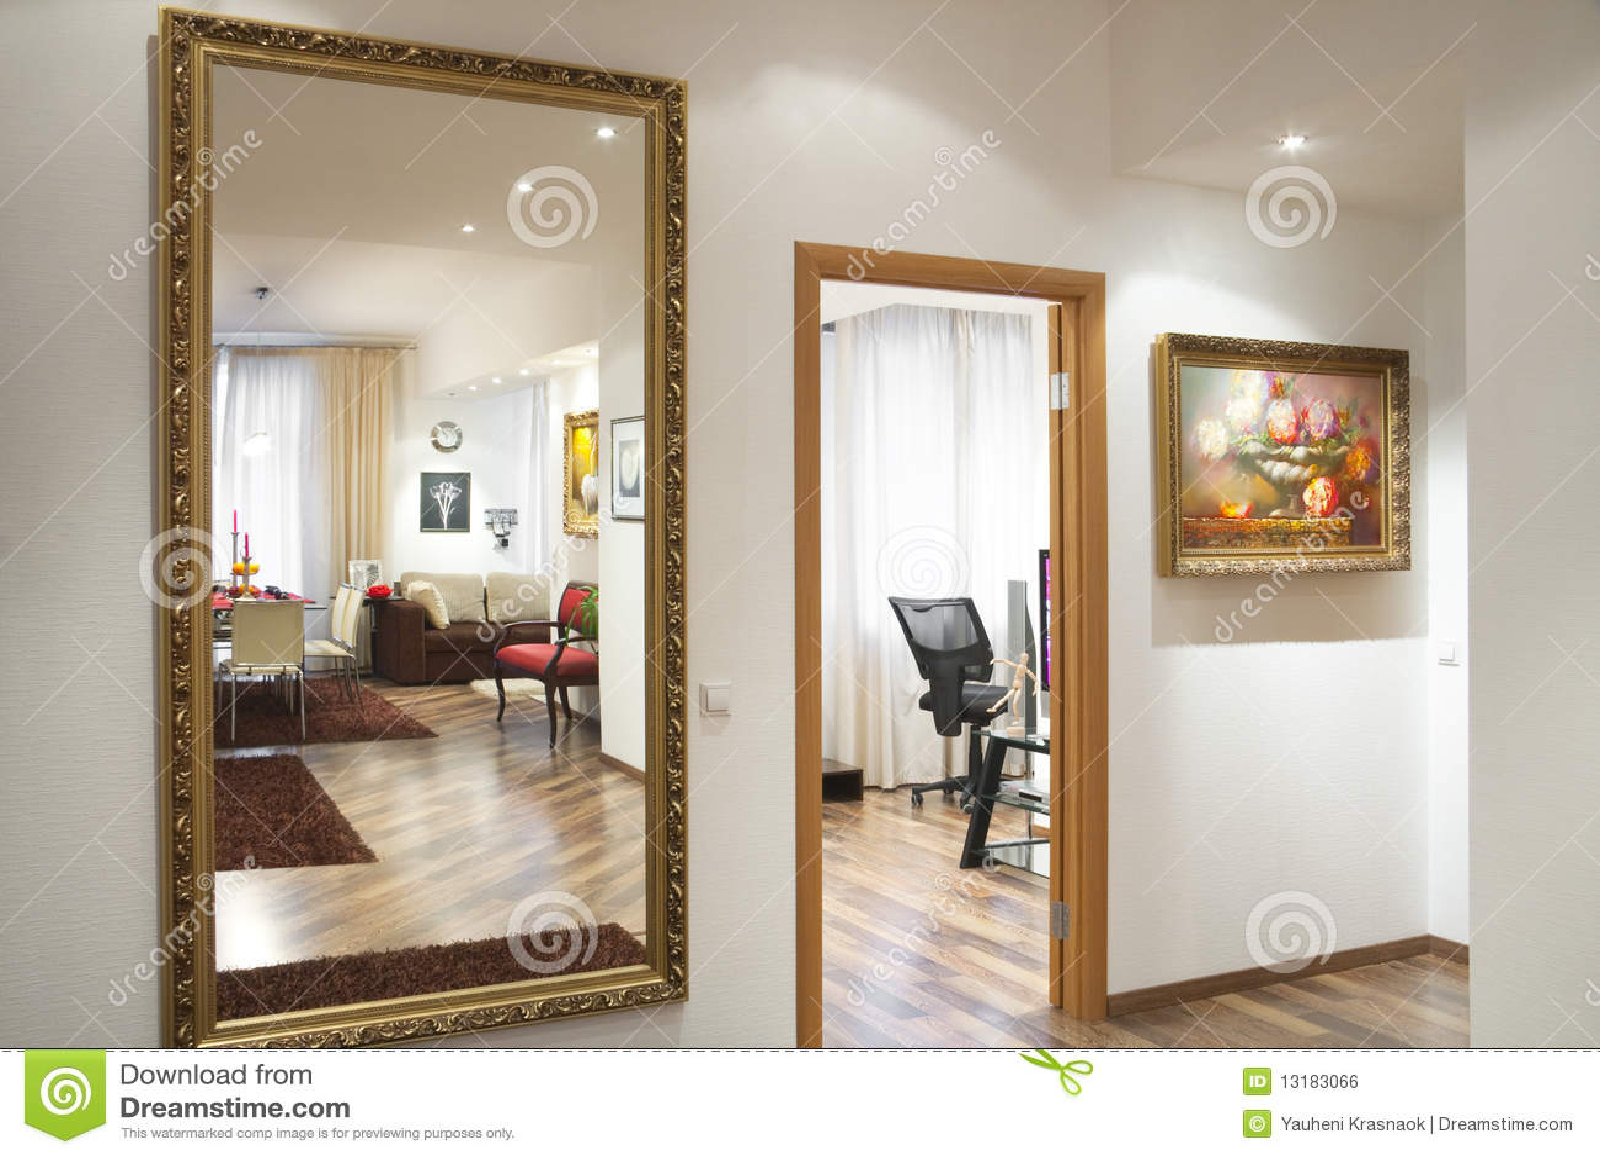 Spiegel Auf Der Wand Stockfoto Bild Von Spiegel Wand 13183066